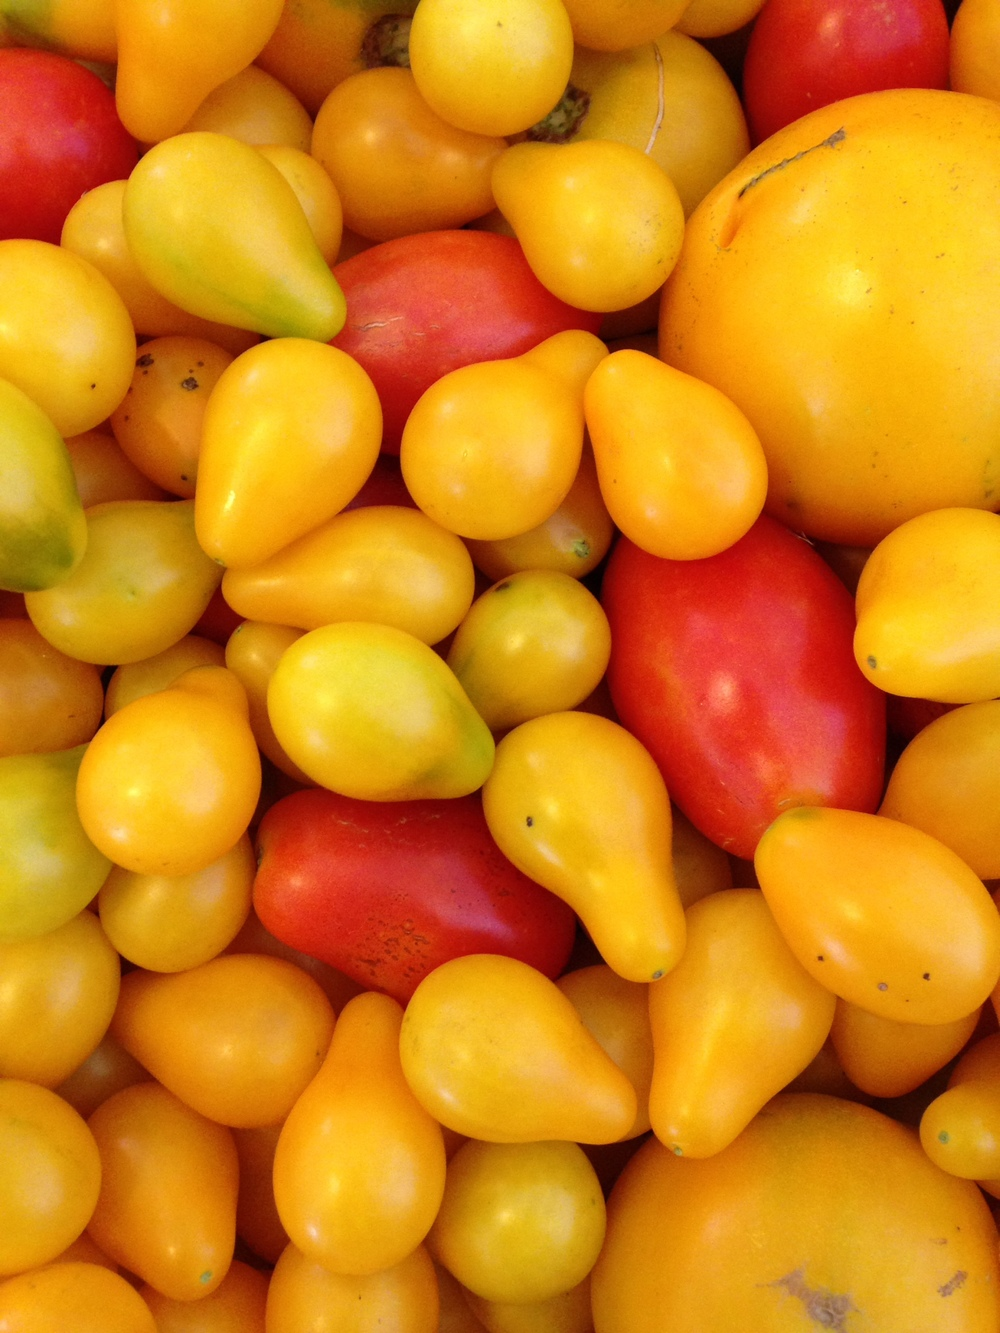 yellow red tomato.JPG